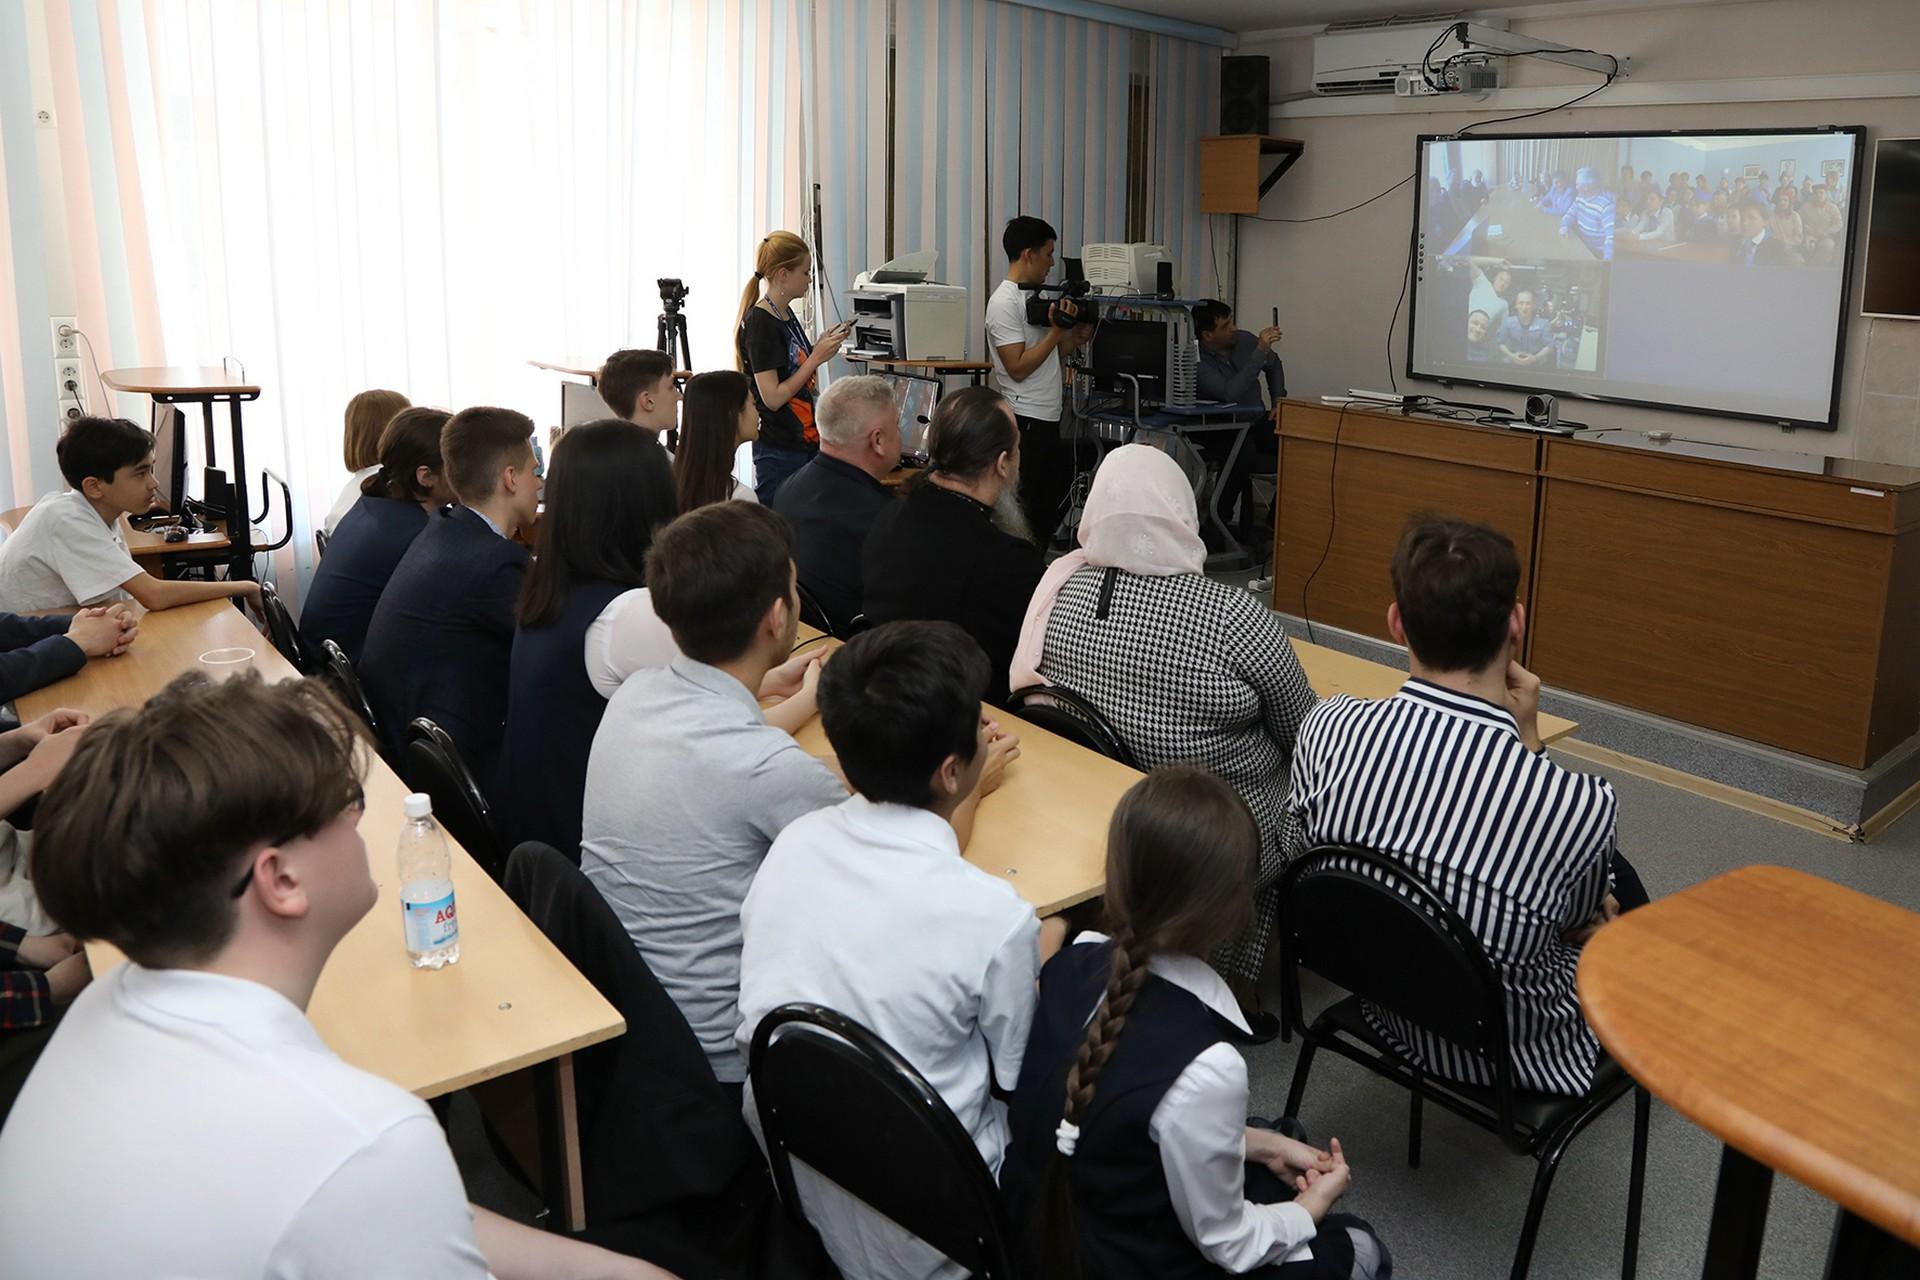 Ученики лицея «МКШ им. В.Н. Челомея» пообщались с экипажем международной космической станции